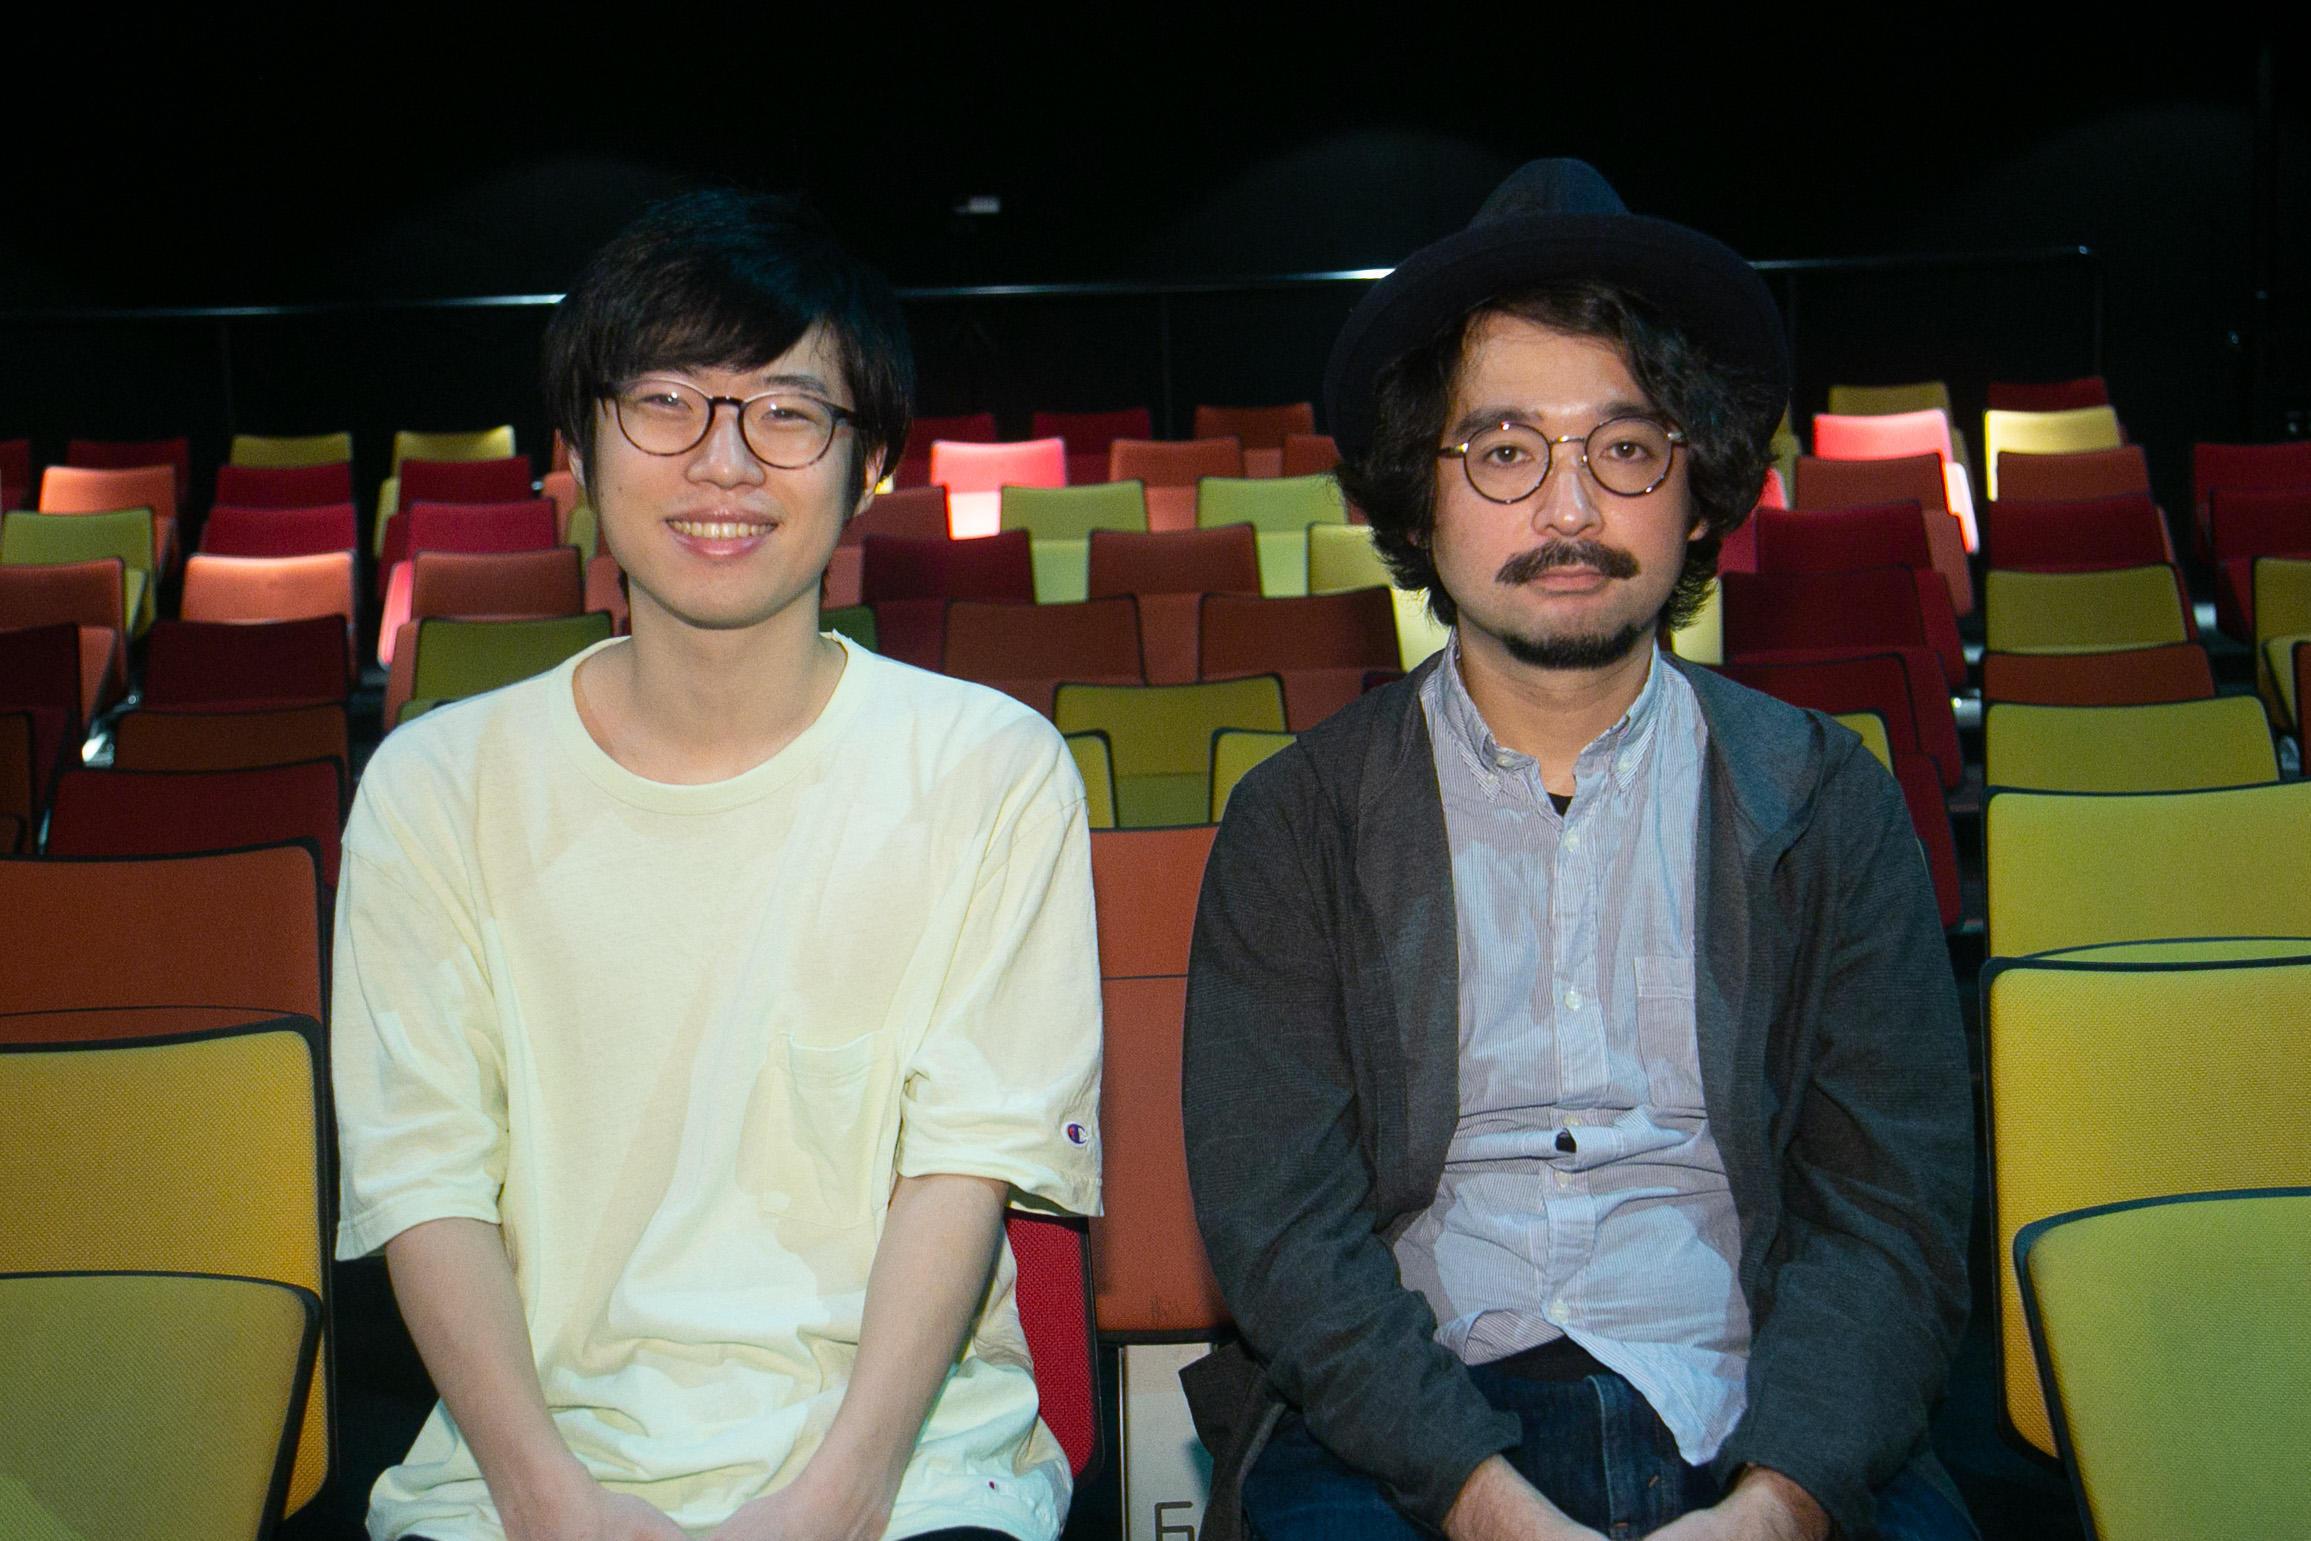 http://news.yoshimoto.co.jp/20181002201349-7b30a34492df5c7237aae8a807c4e2d2bccb45b8.jpg